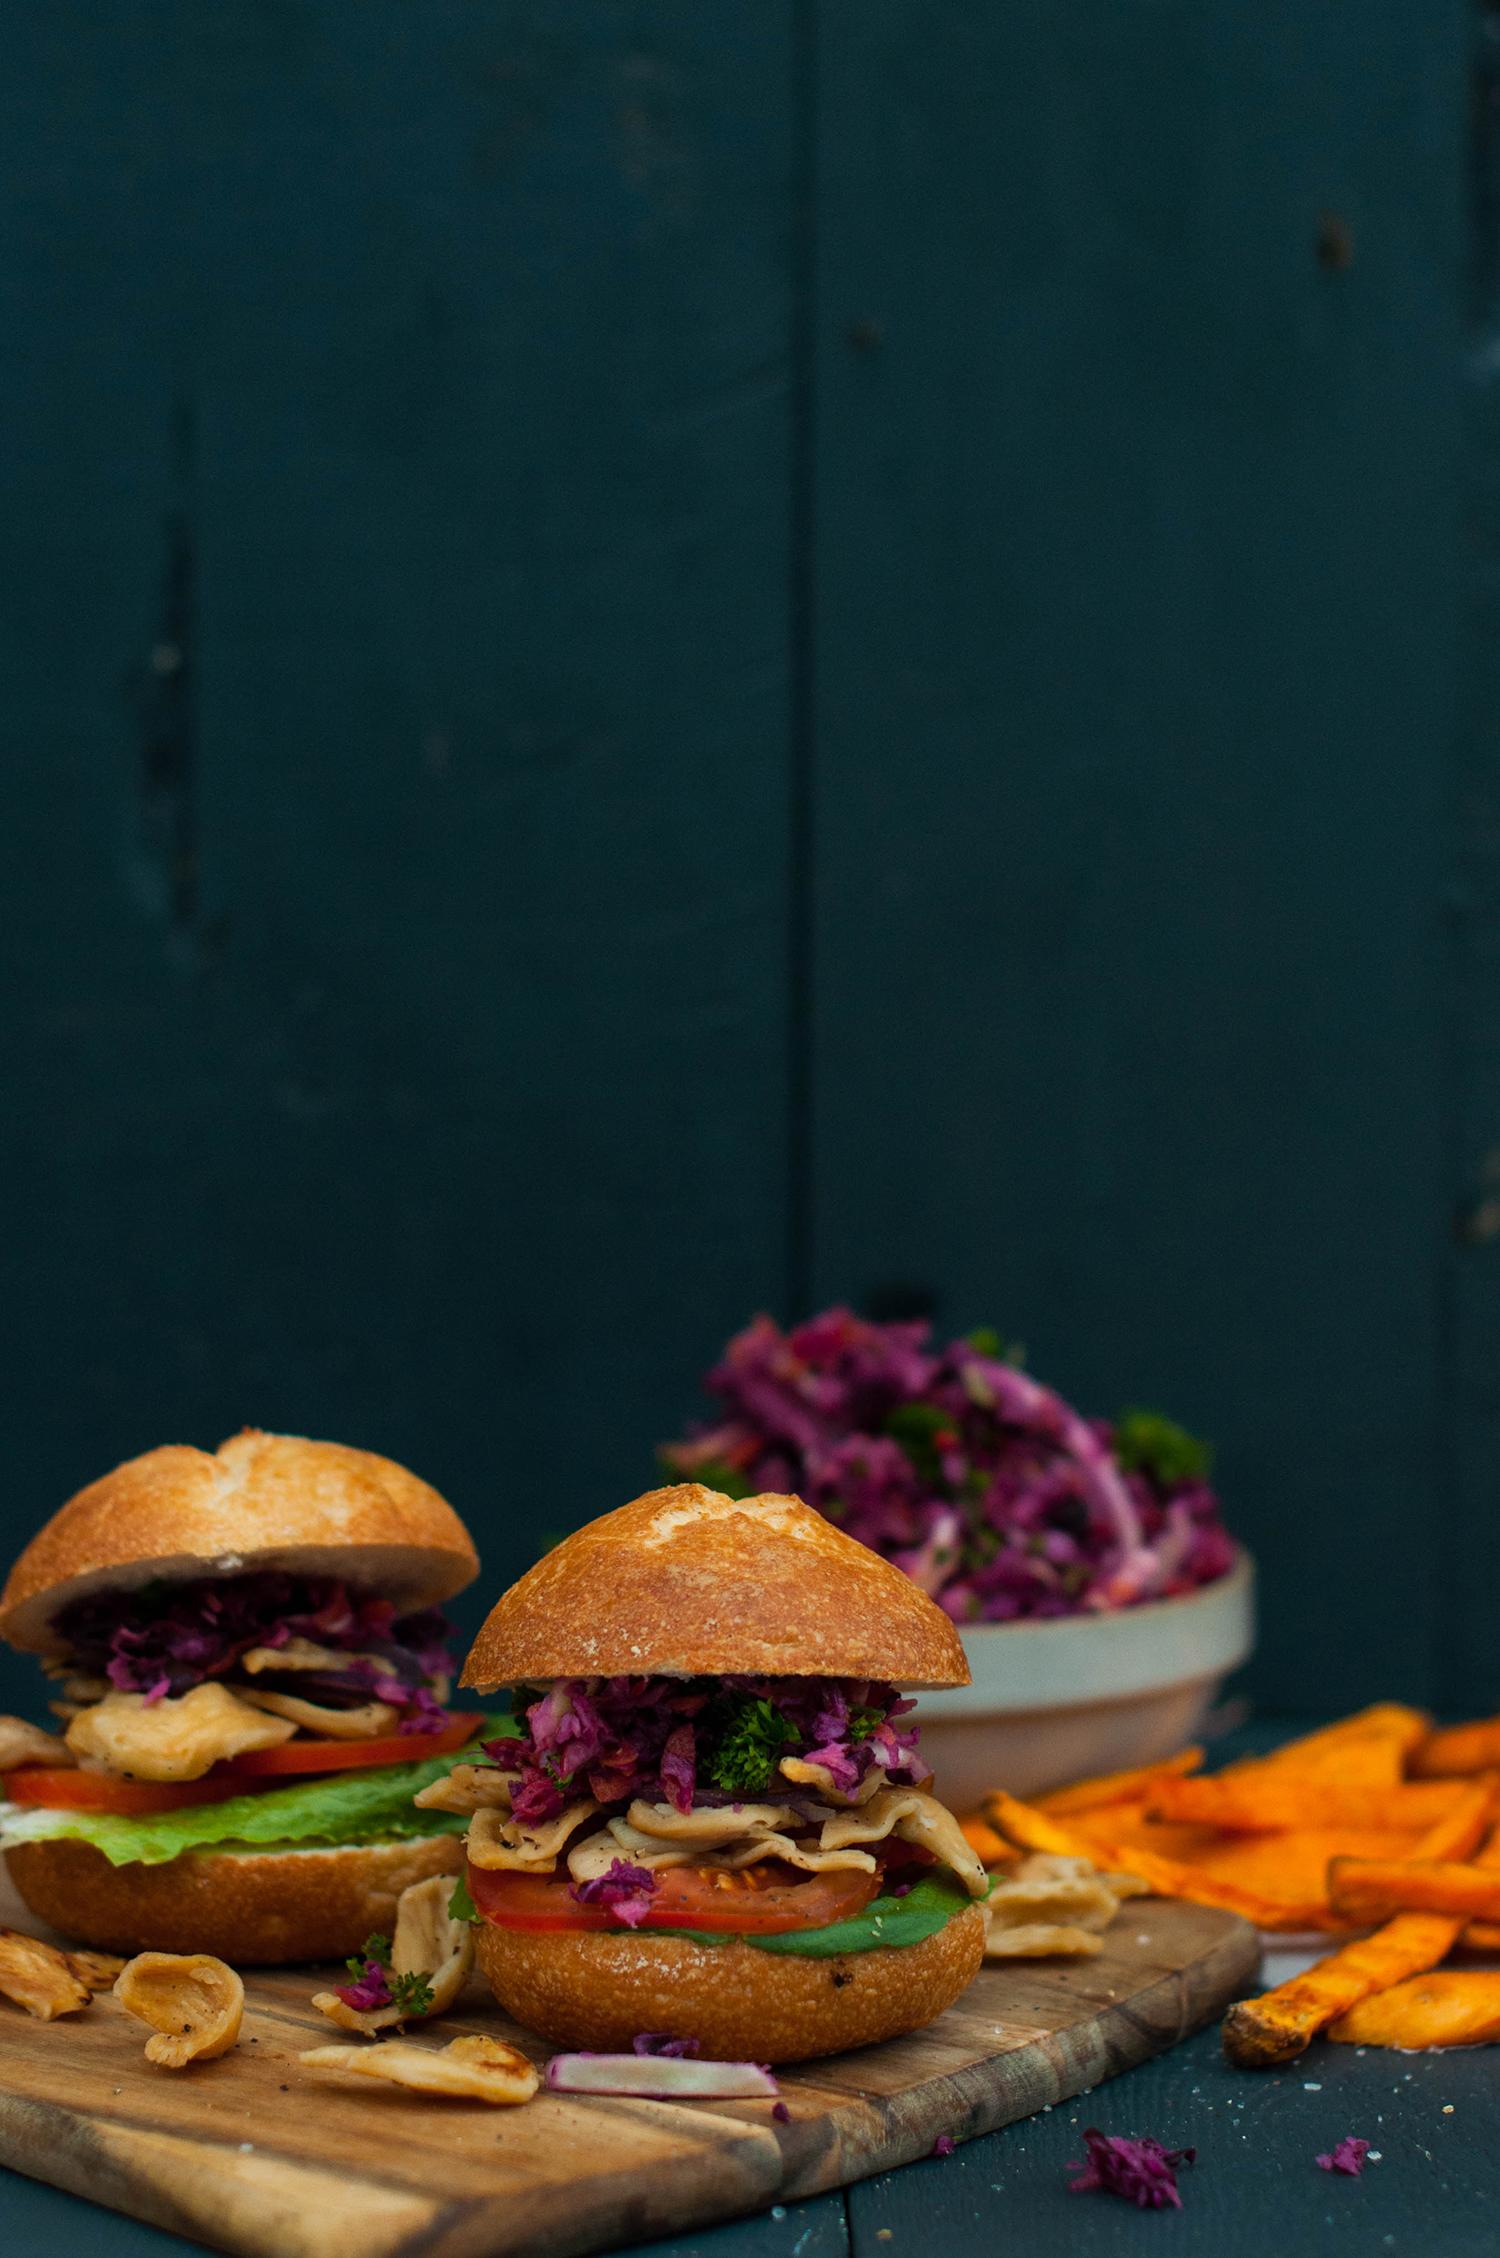 Veganz-Pulled-Soja-burgers-coleslaw-lea-lou-3